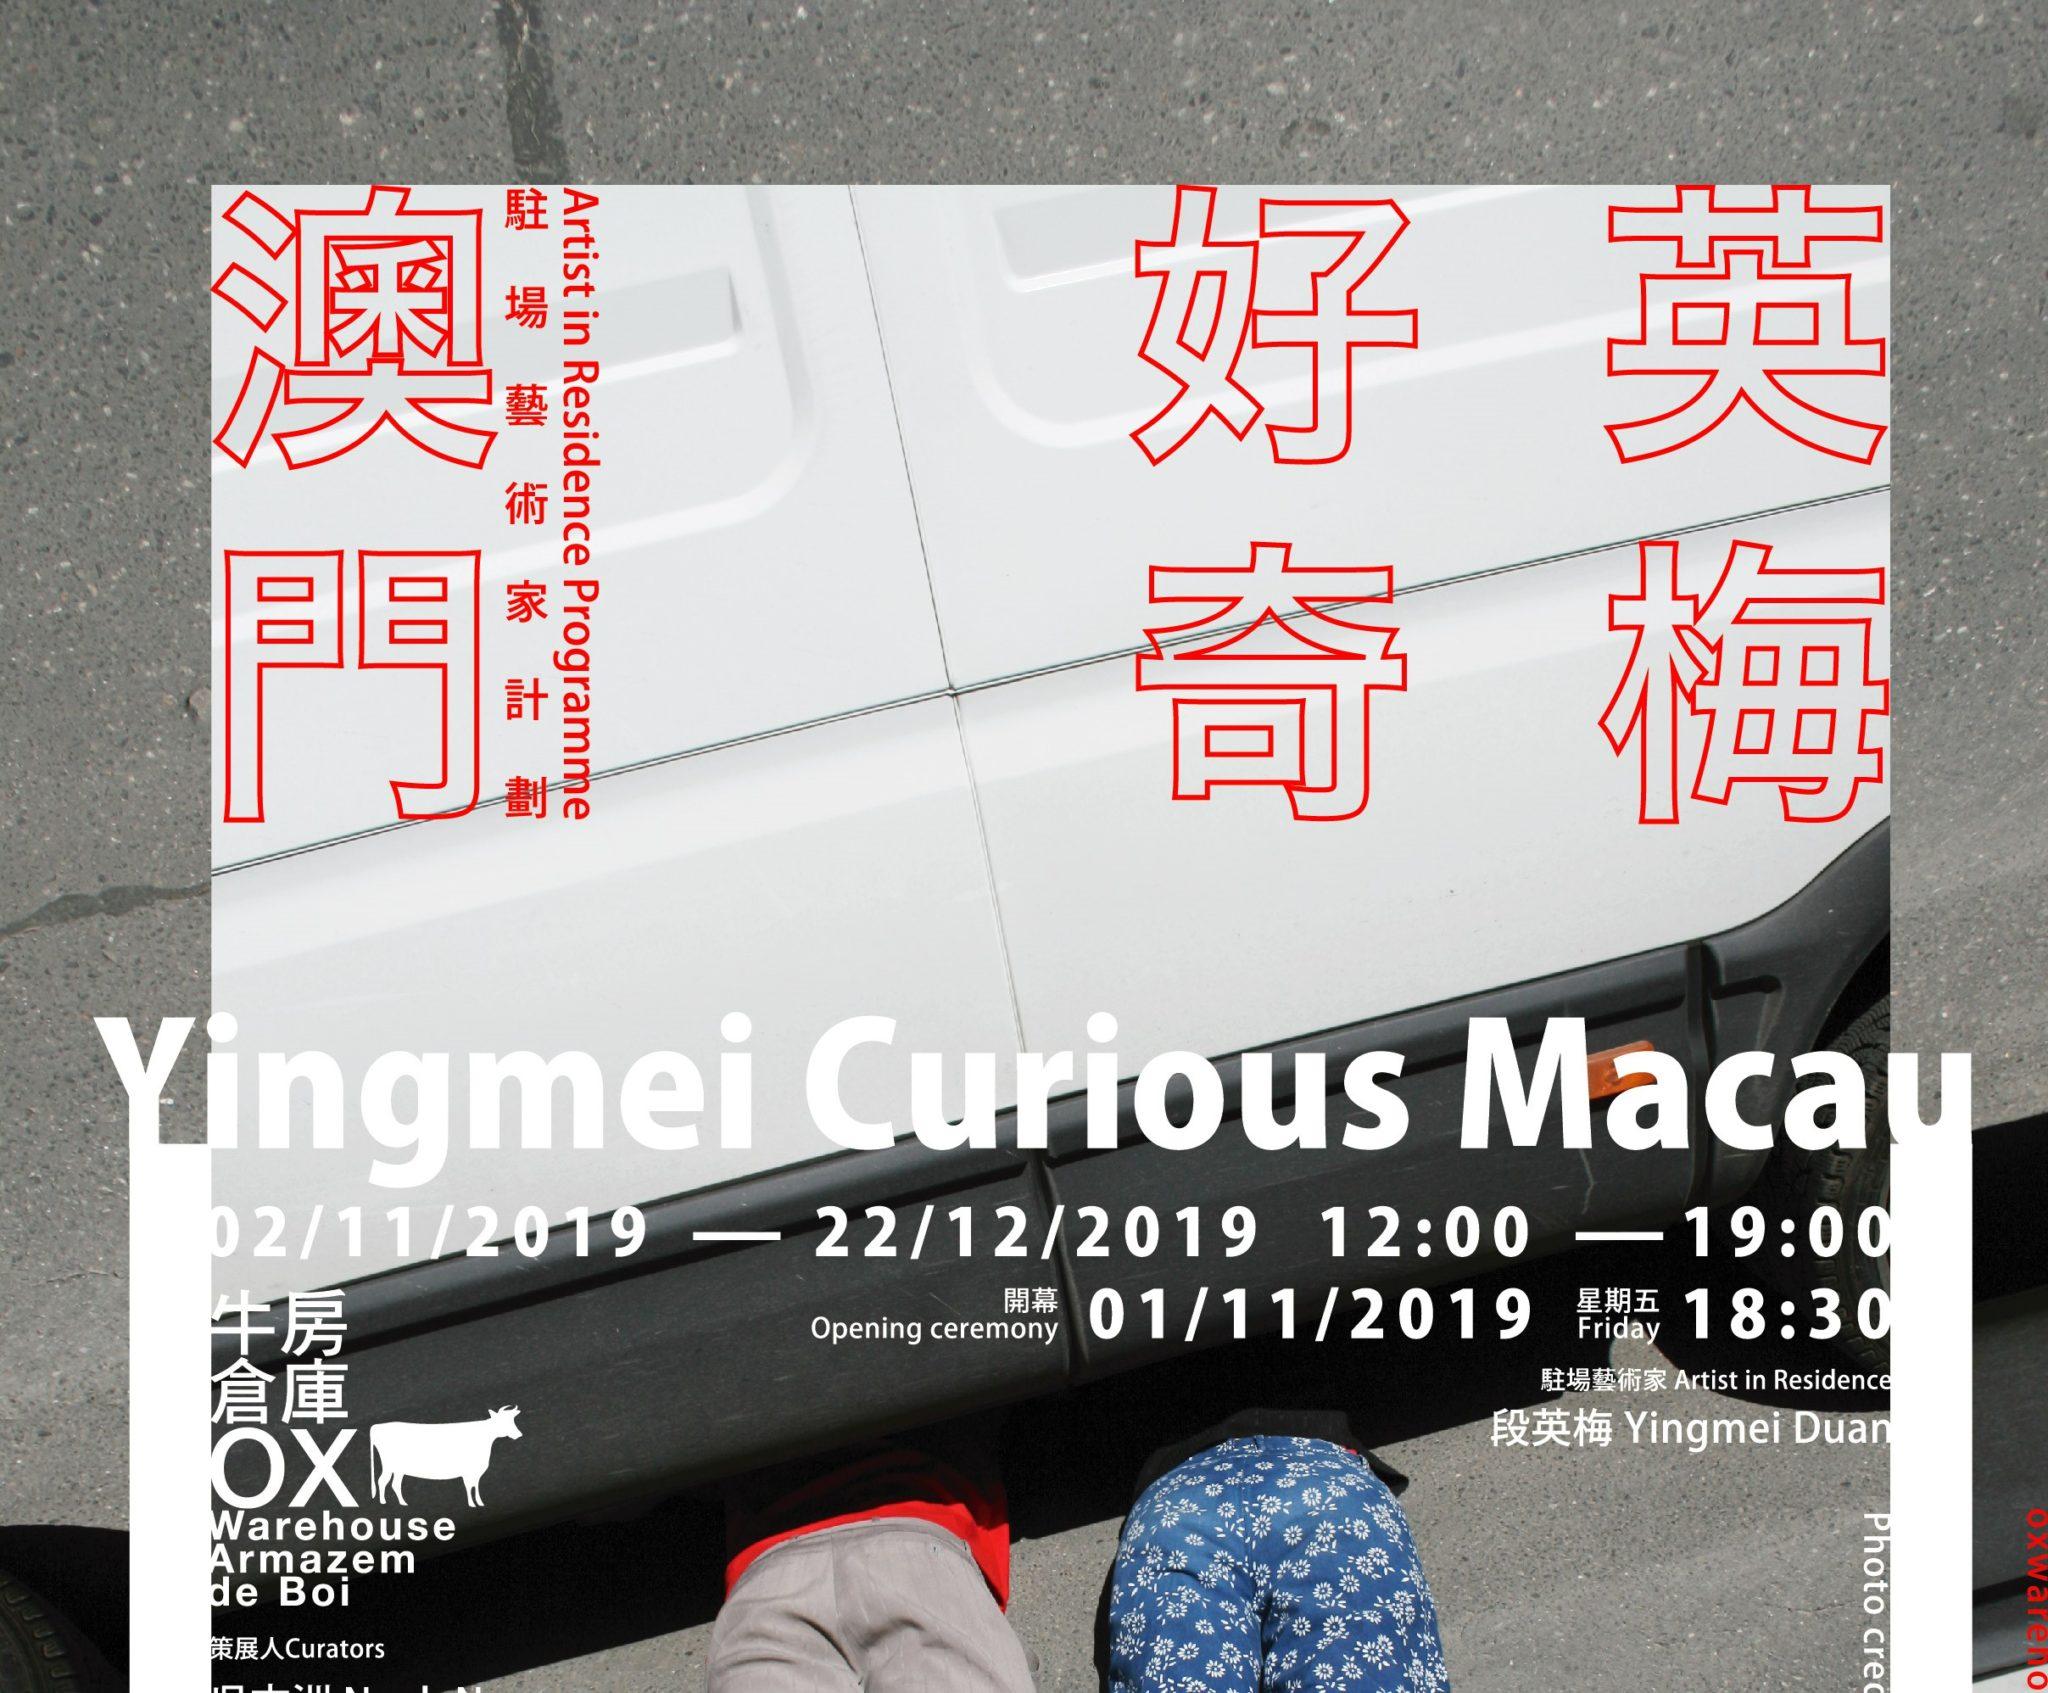 Armazém do Boi | Residência artística de Yingmei Duana 1 de Novembro